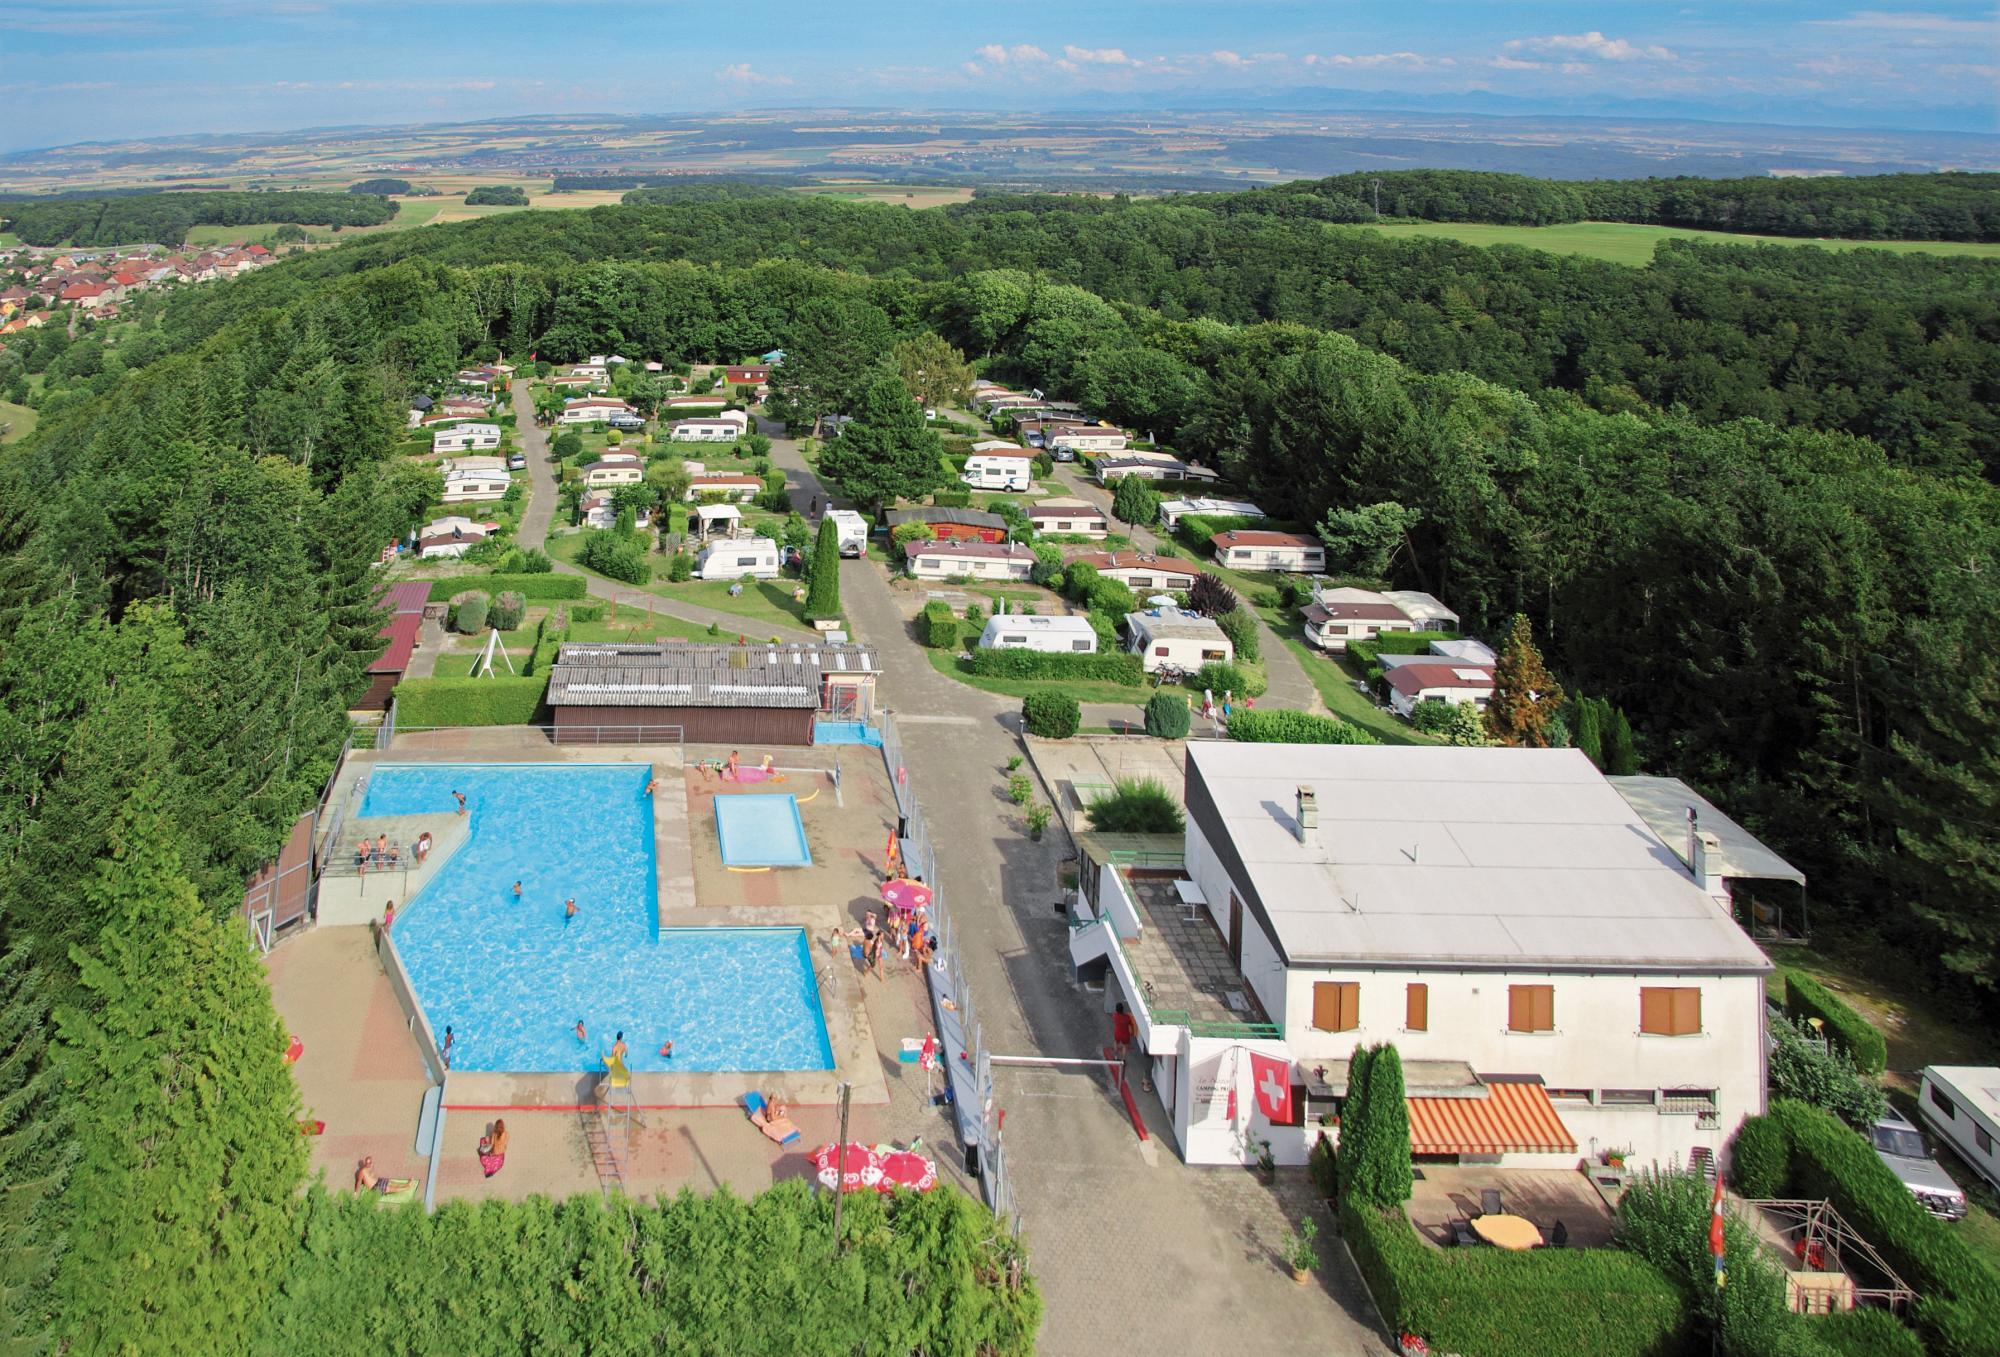 Le camping le nozon yverdon les bains region jura lac for Location yverdon suisse